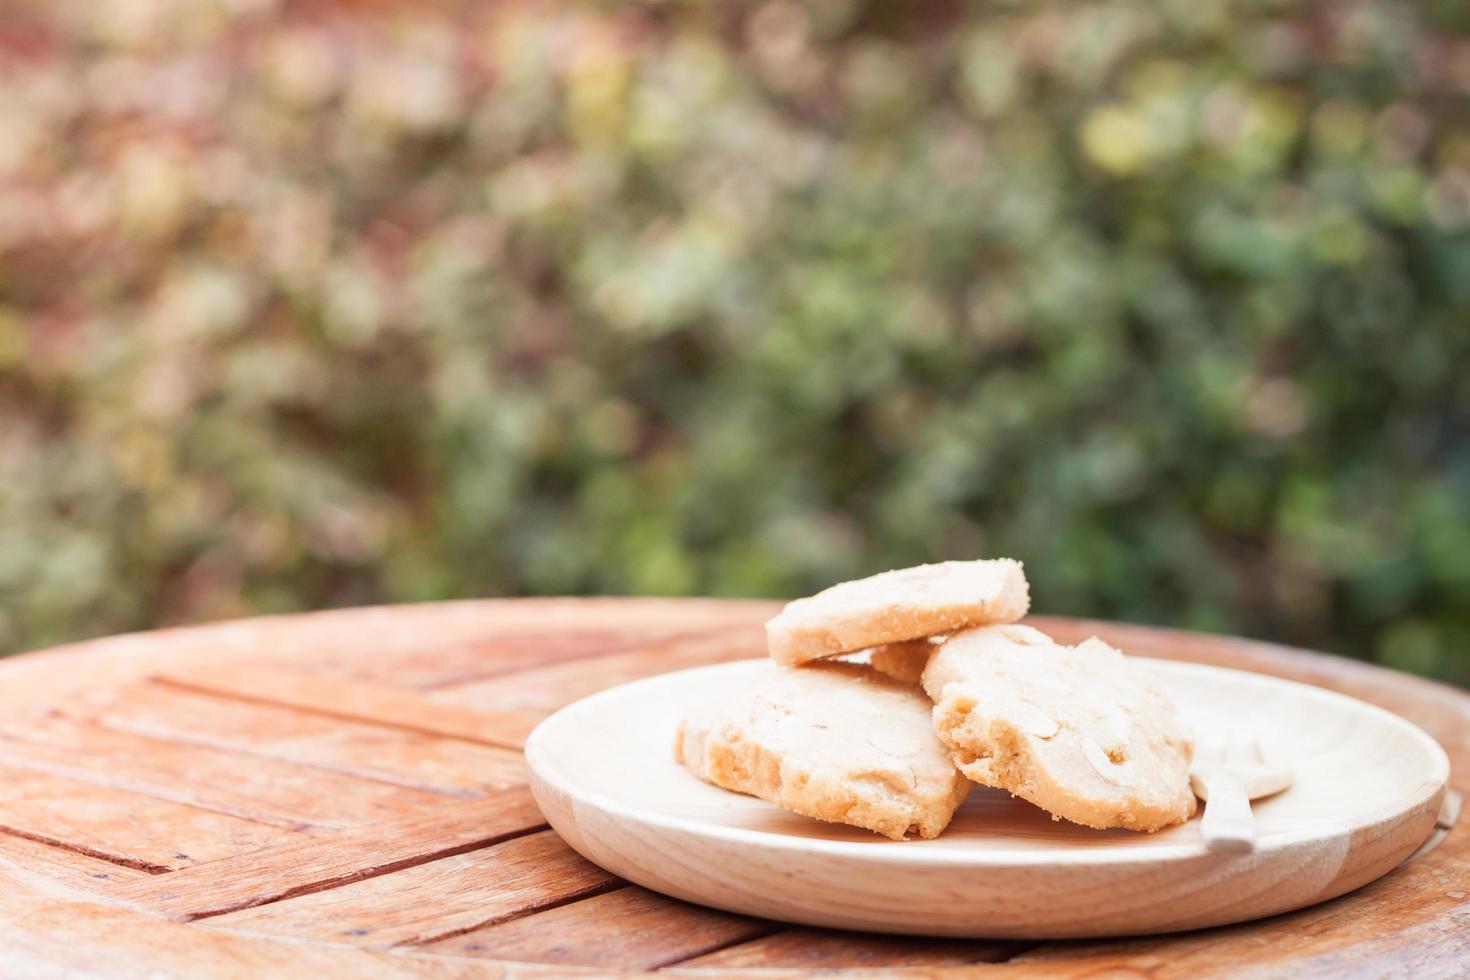 biscuits aux noix de cajou sur une table en bois photo